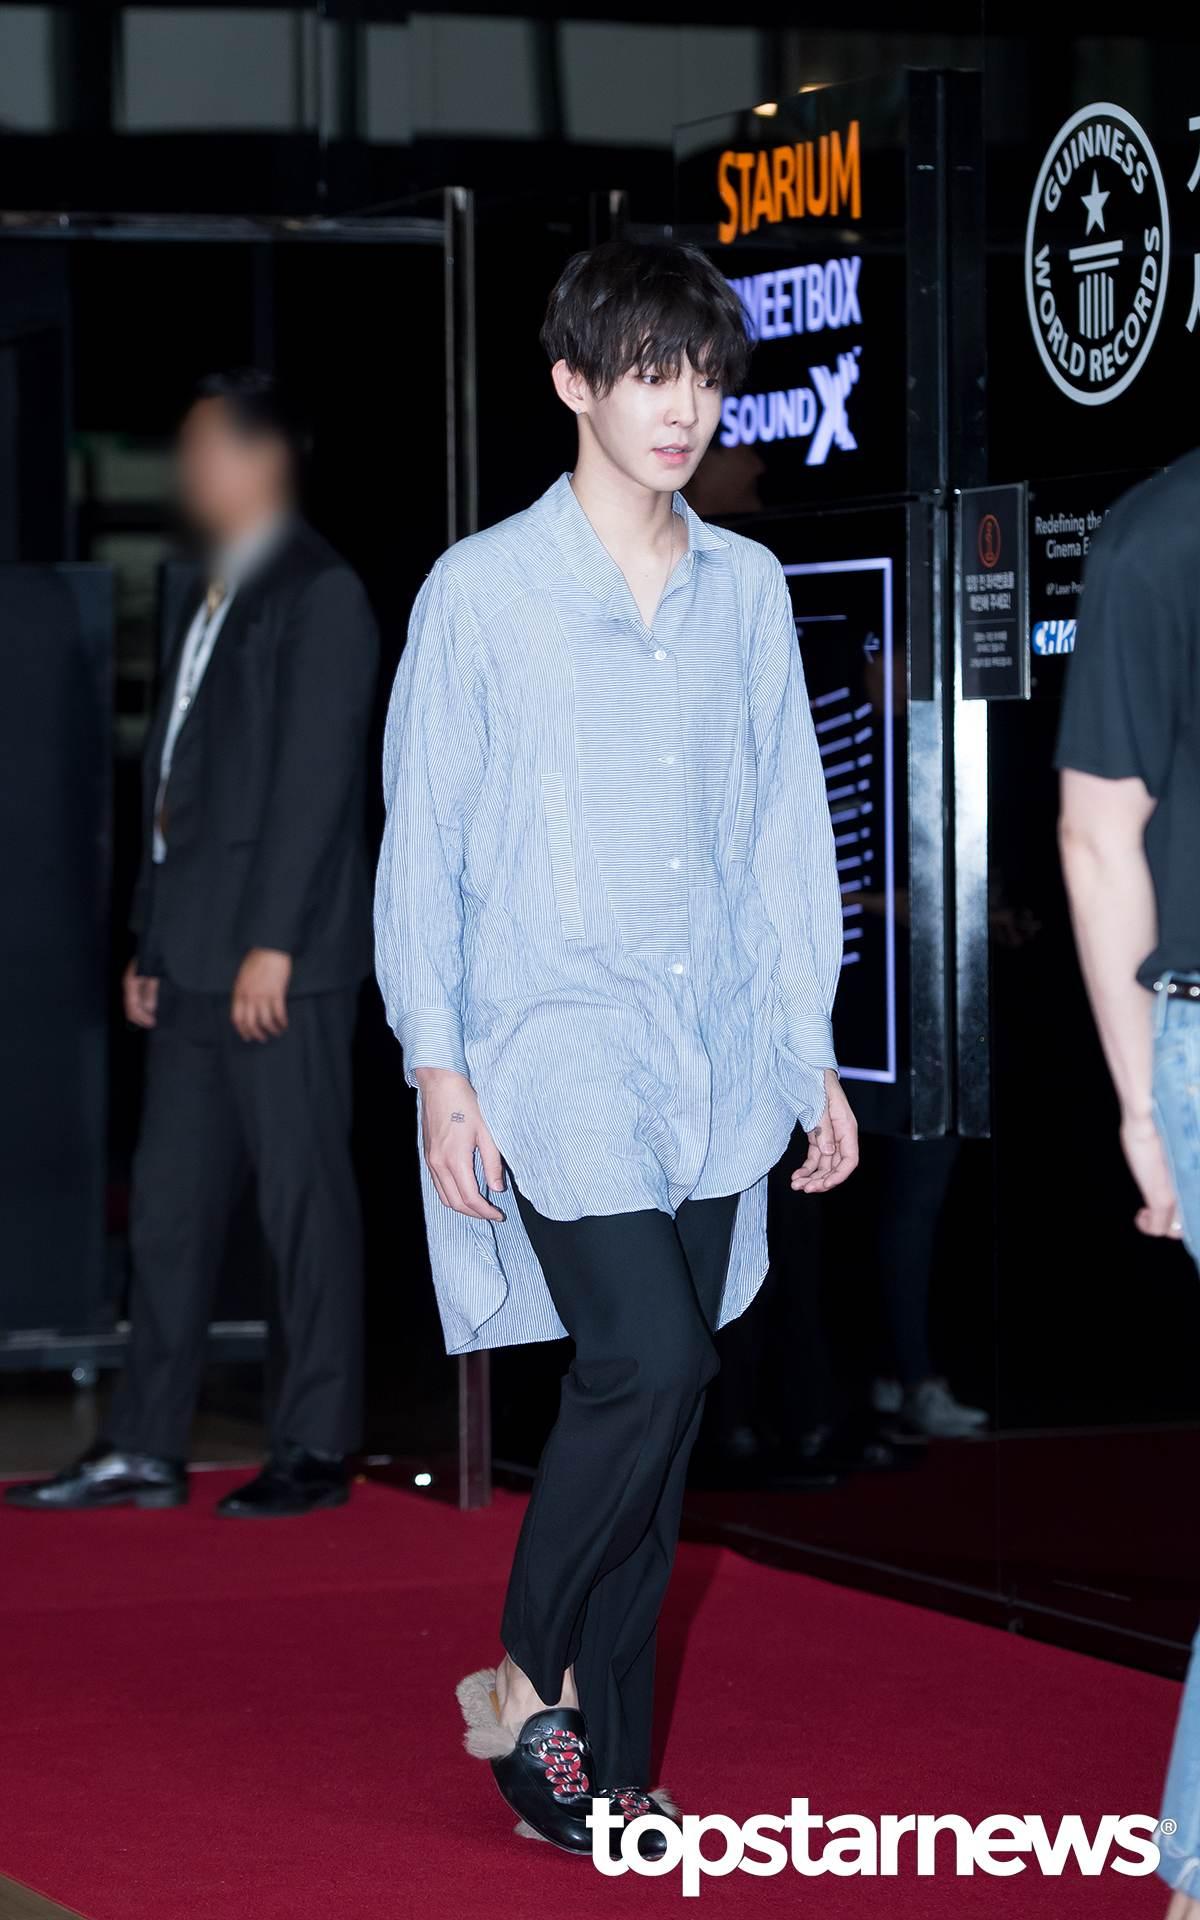 而成員南太鉉上次也被拍到以一襲難以理解,有顏值跟模特長身就任性的費解時尚出席了BIGBANG《M.A.D.E》的記者會